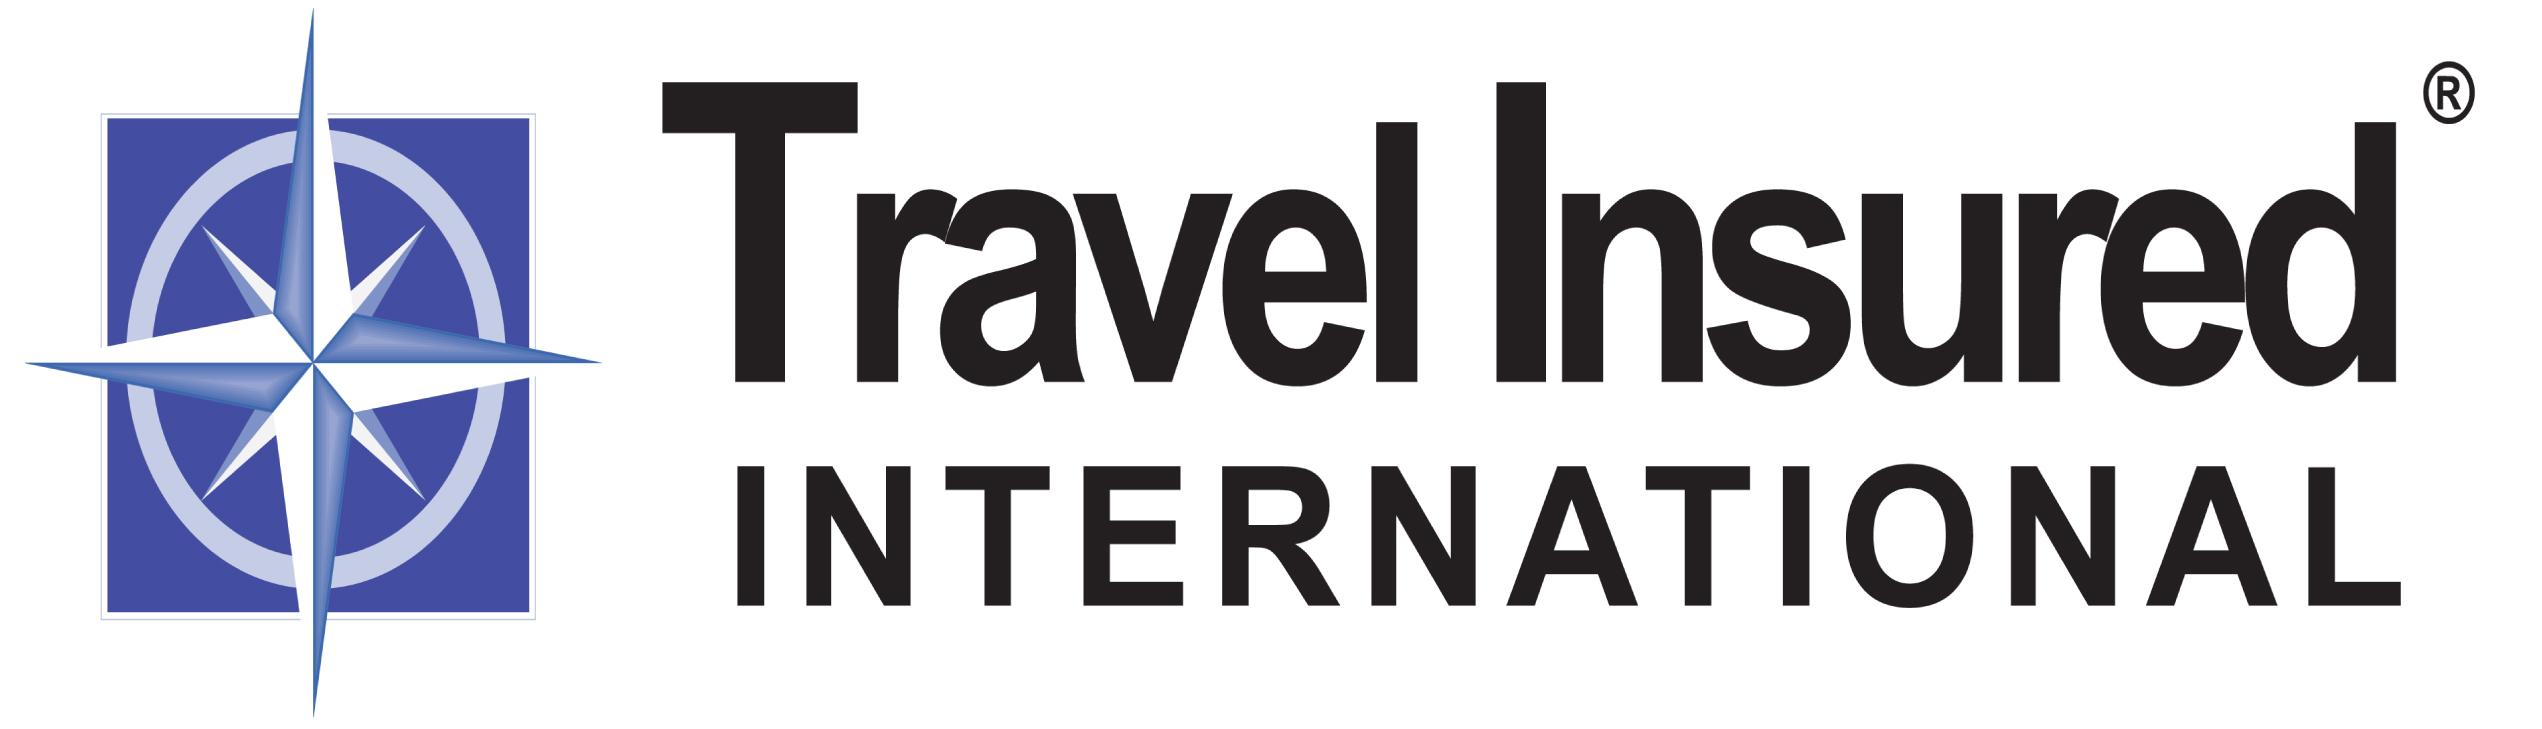 Travel Insured logo